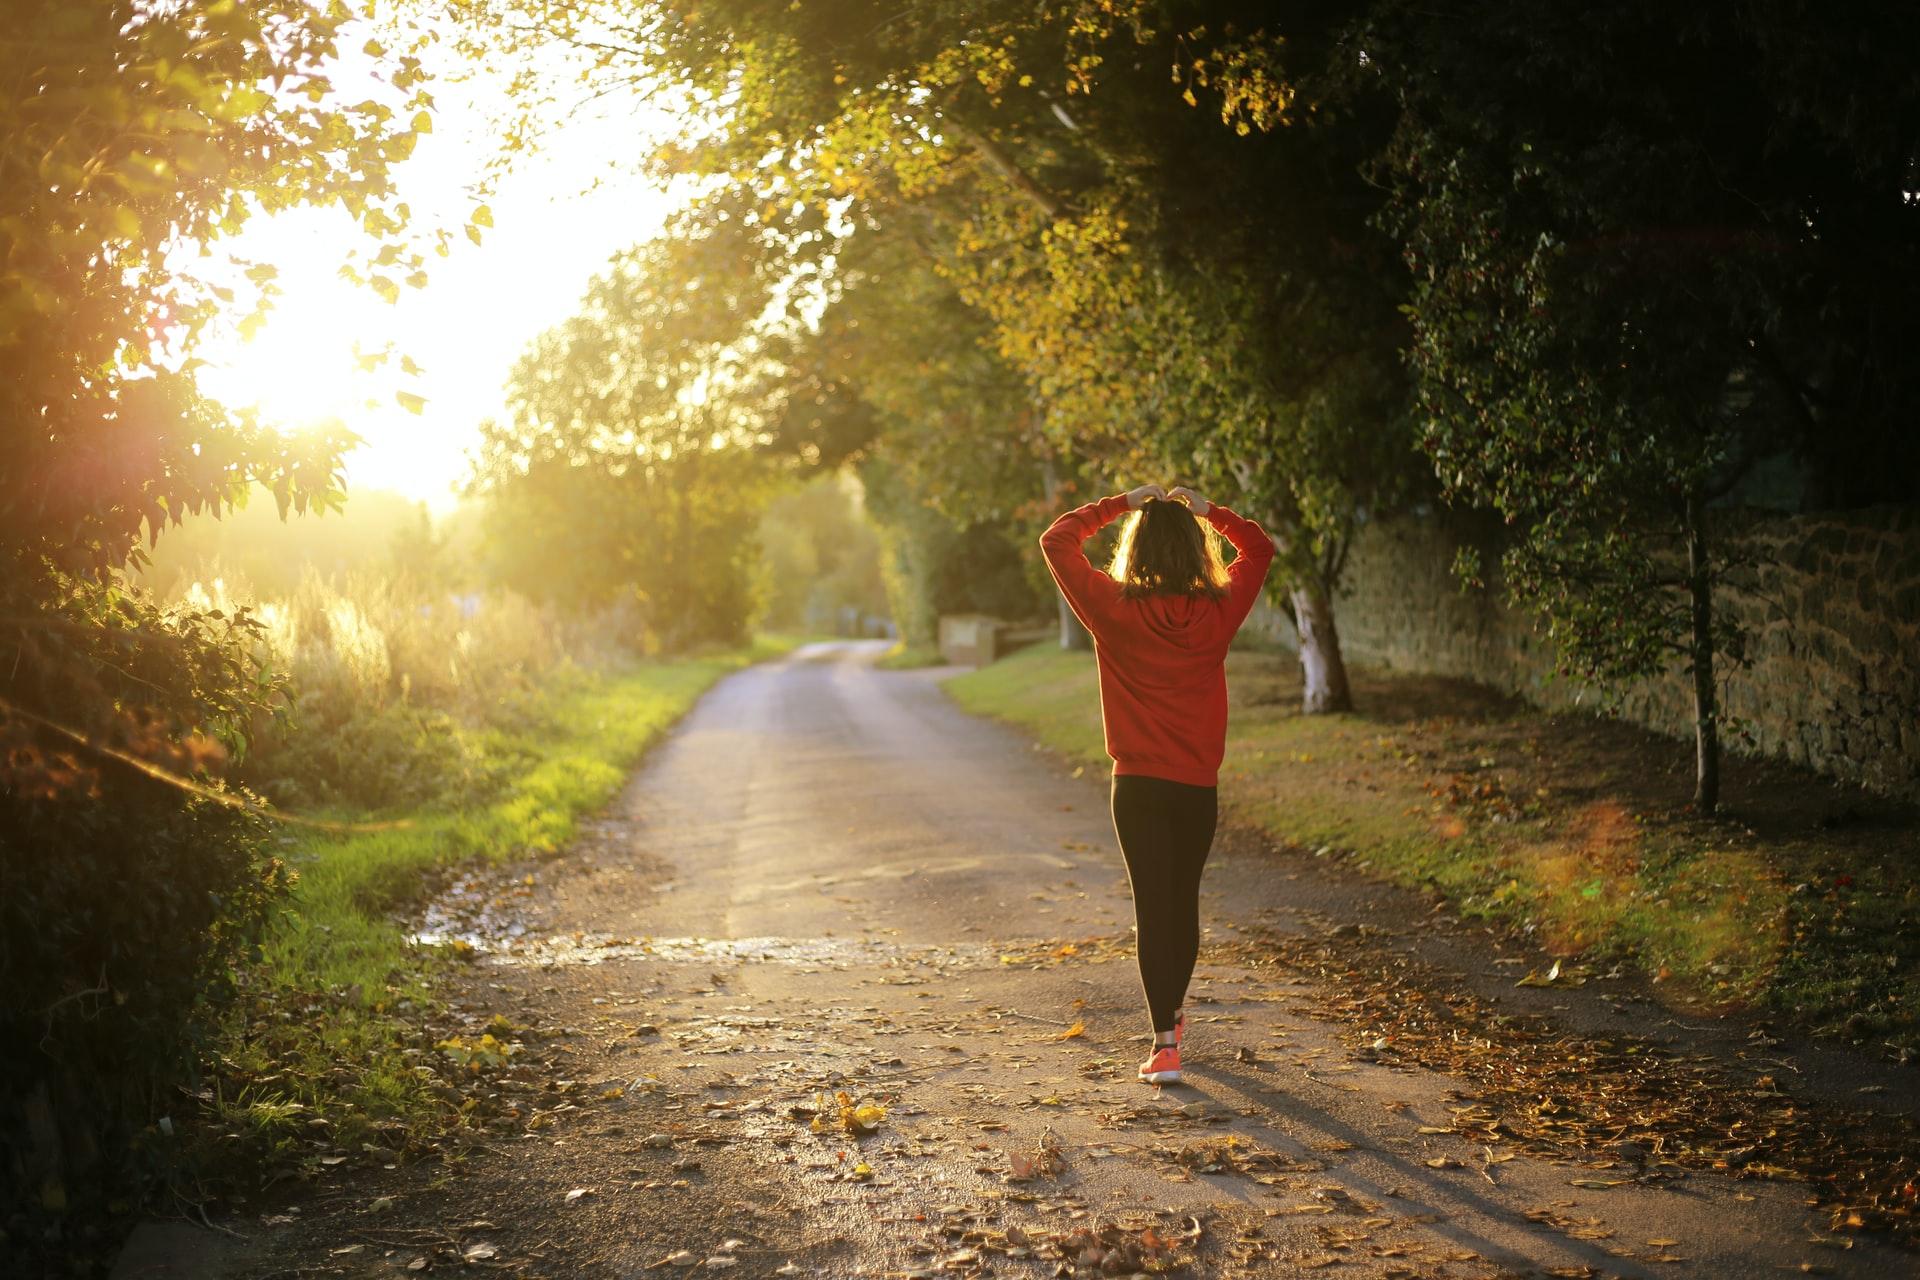 Sådan får du en sundere hverdag